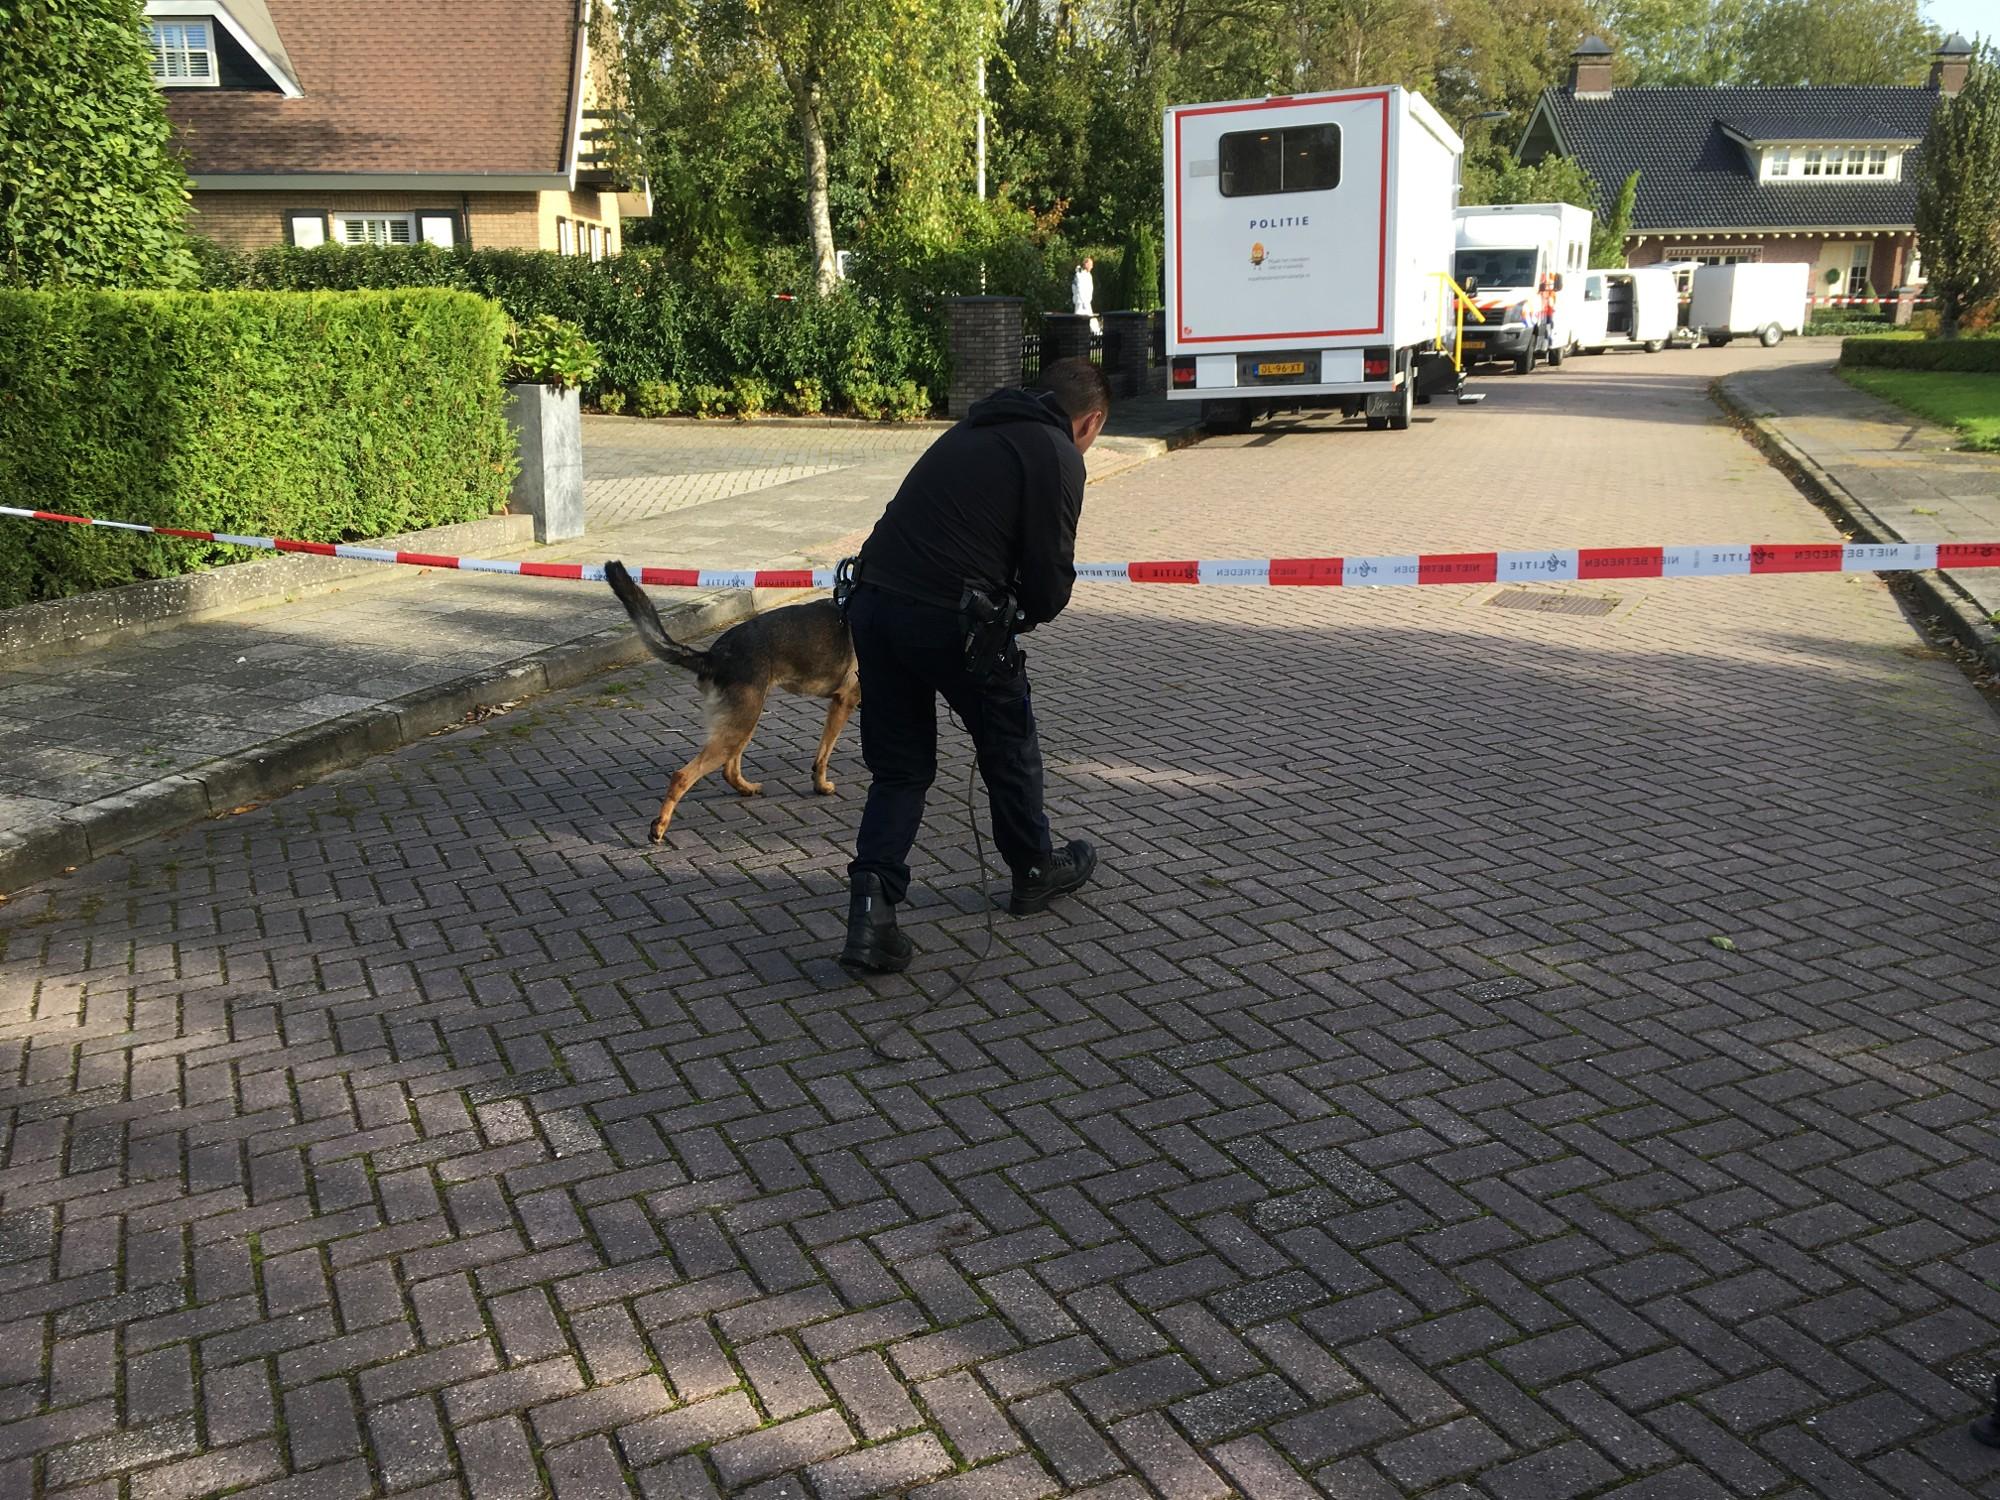 Politie onderzoekt schietincident Dronrijp